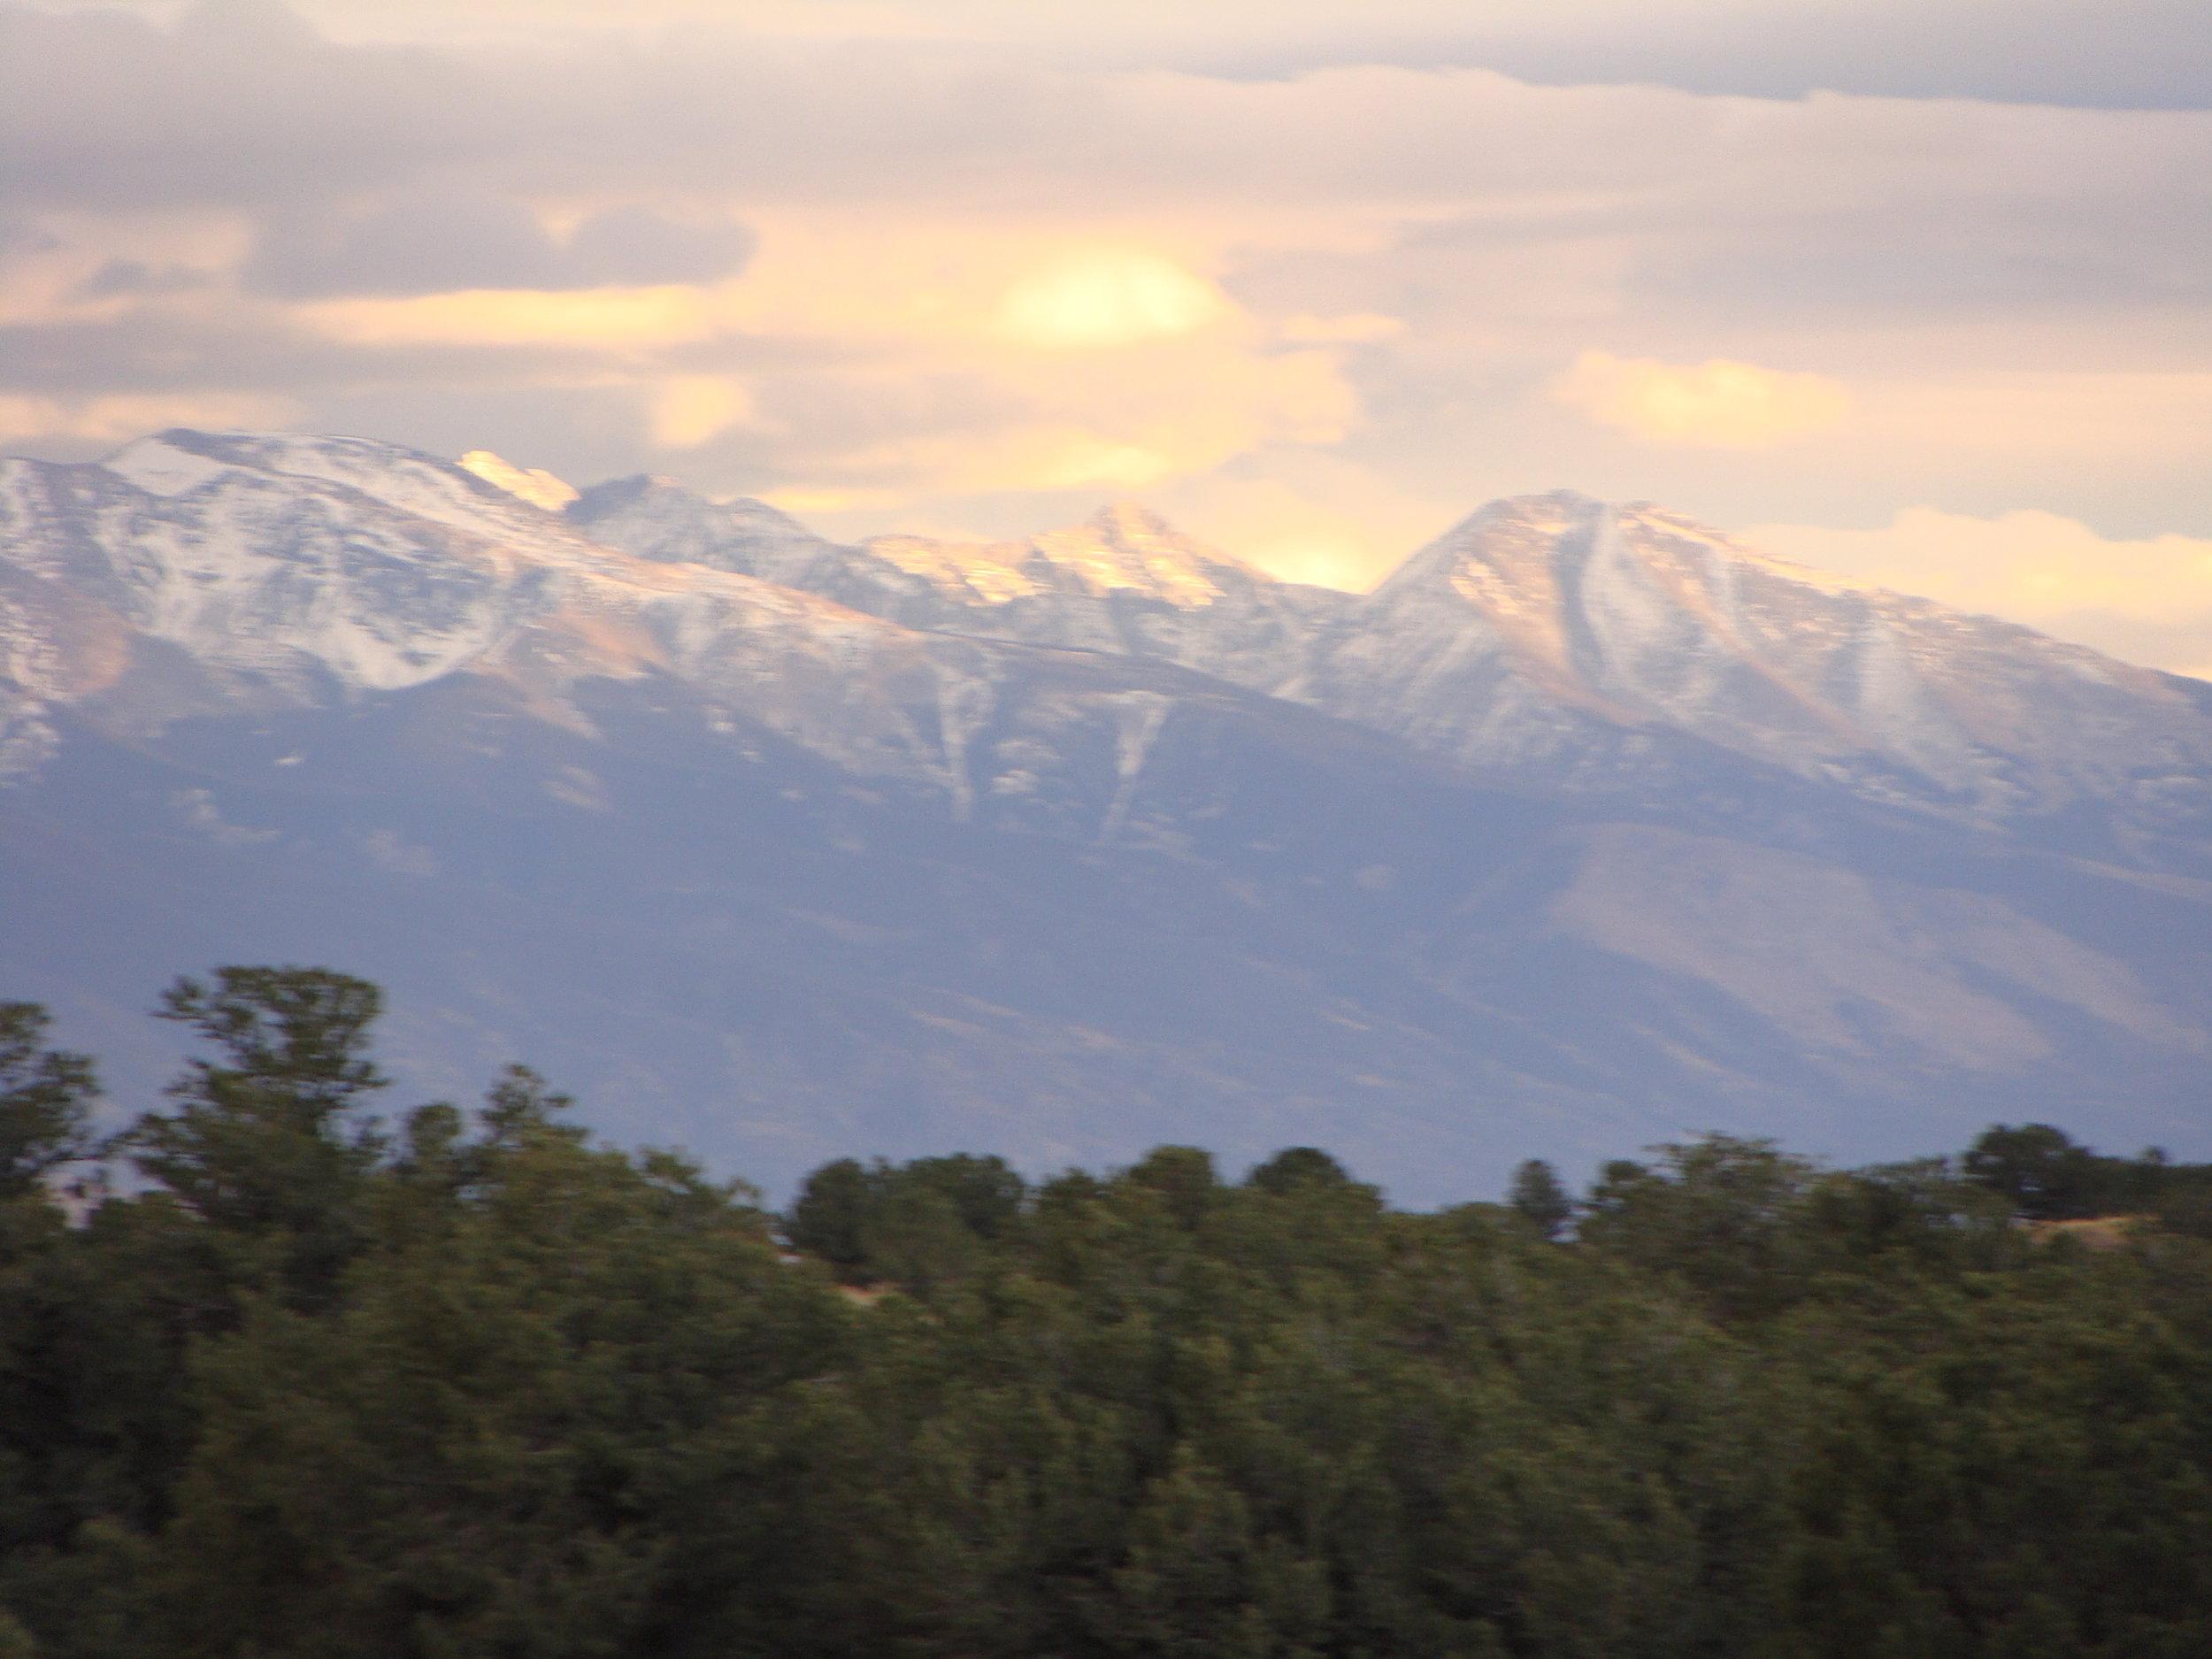 Simply breathtaking beauty - Mt. Blanca